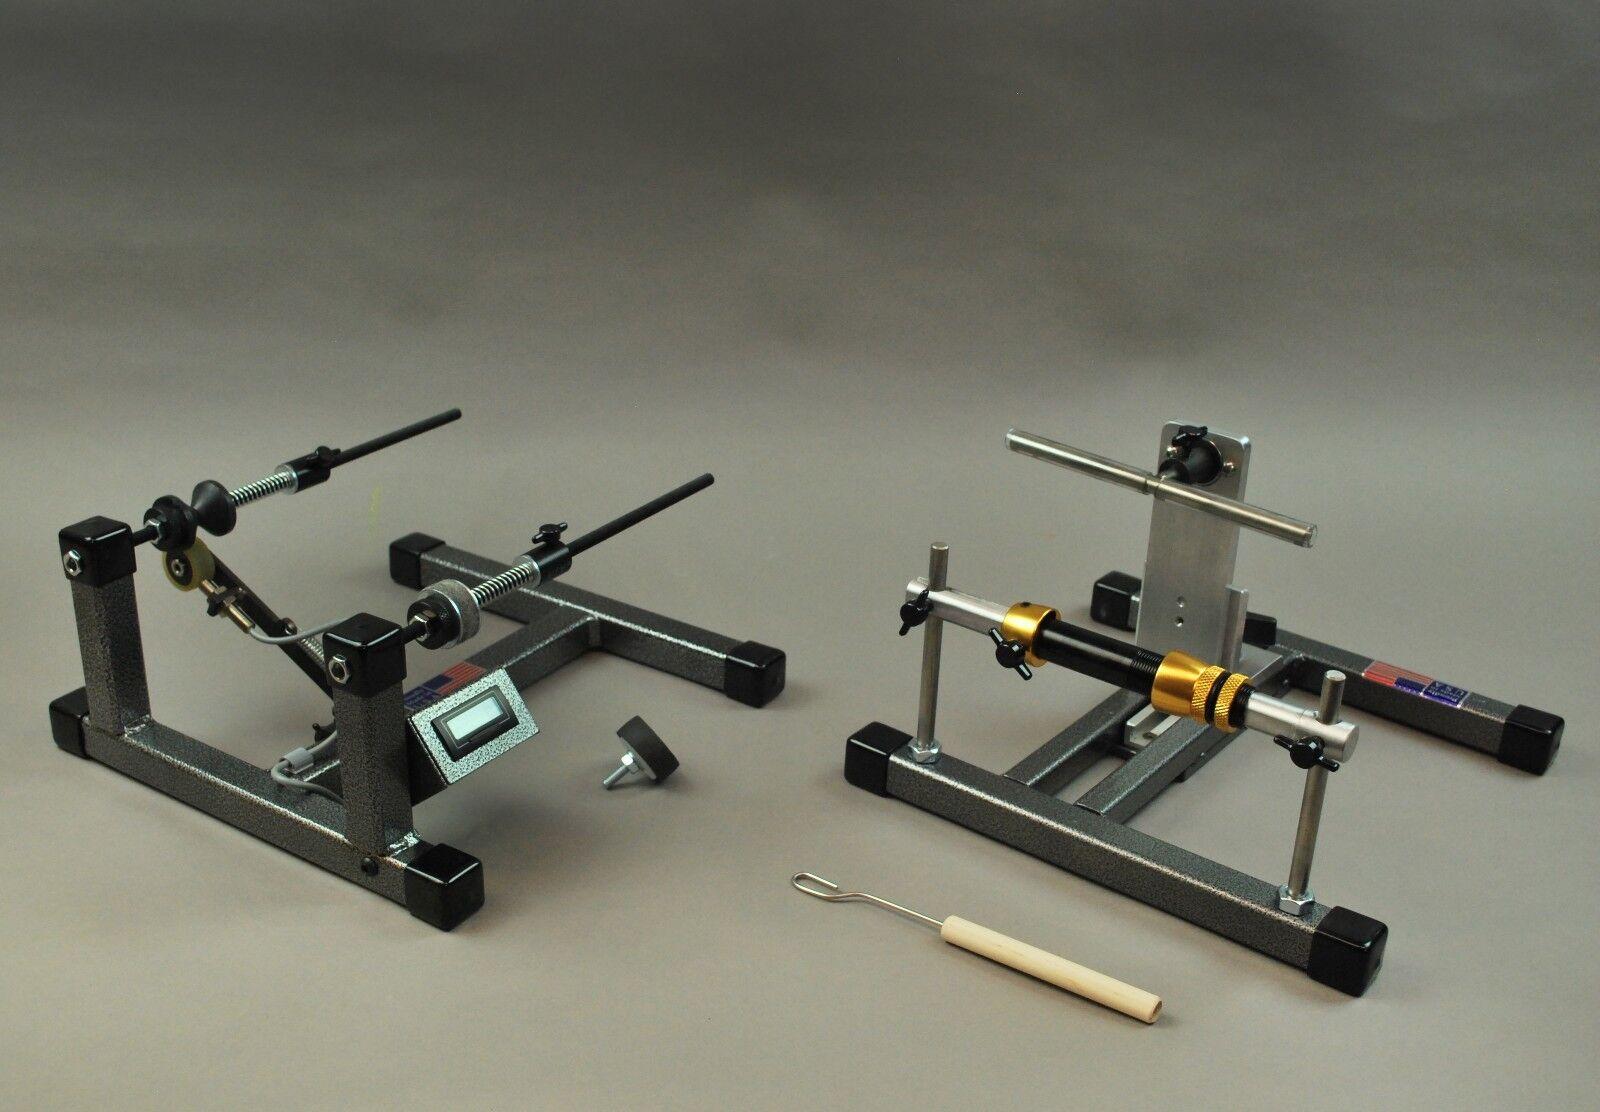 Reel Winder II + Super Spooler + Digital Counter for holding line, spooling reel